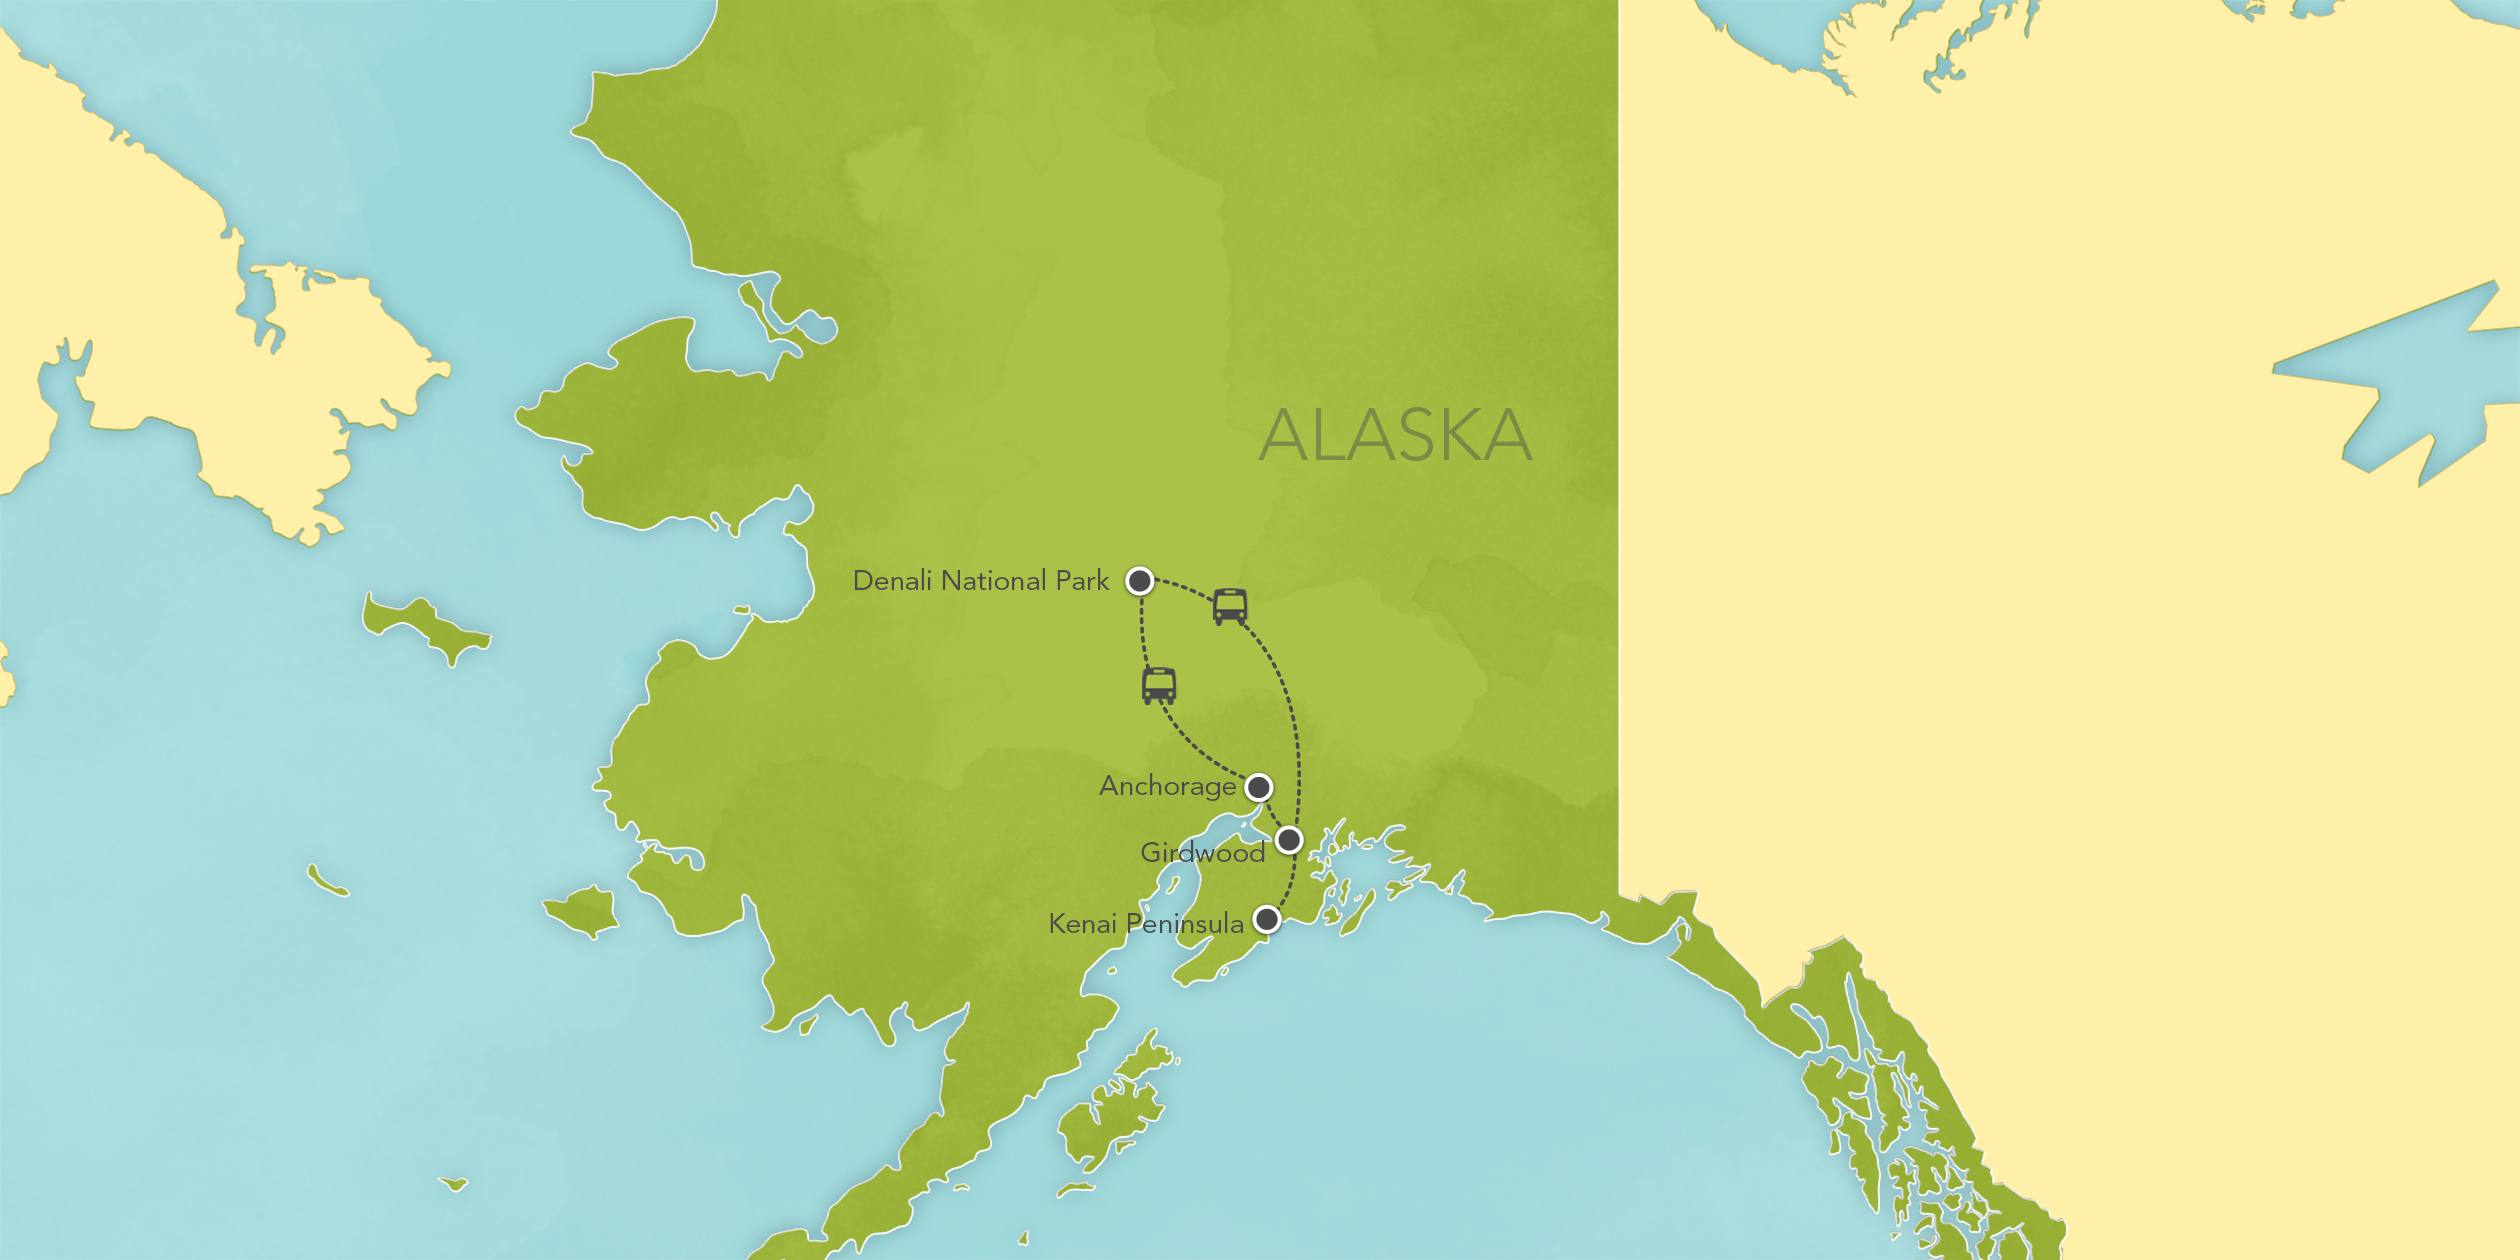 Itinerary map of Alaska: Denali National Park, Anchorage, Kenai Peninsula 2017